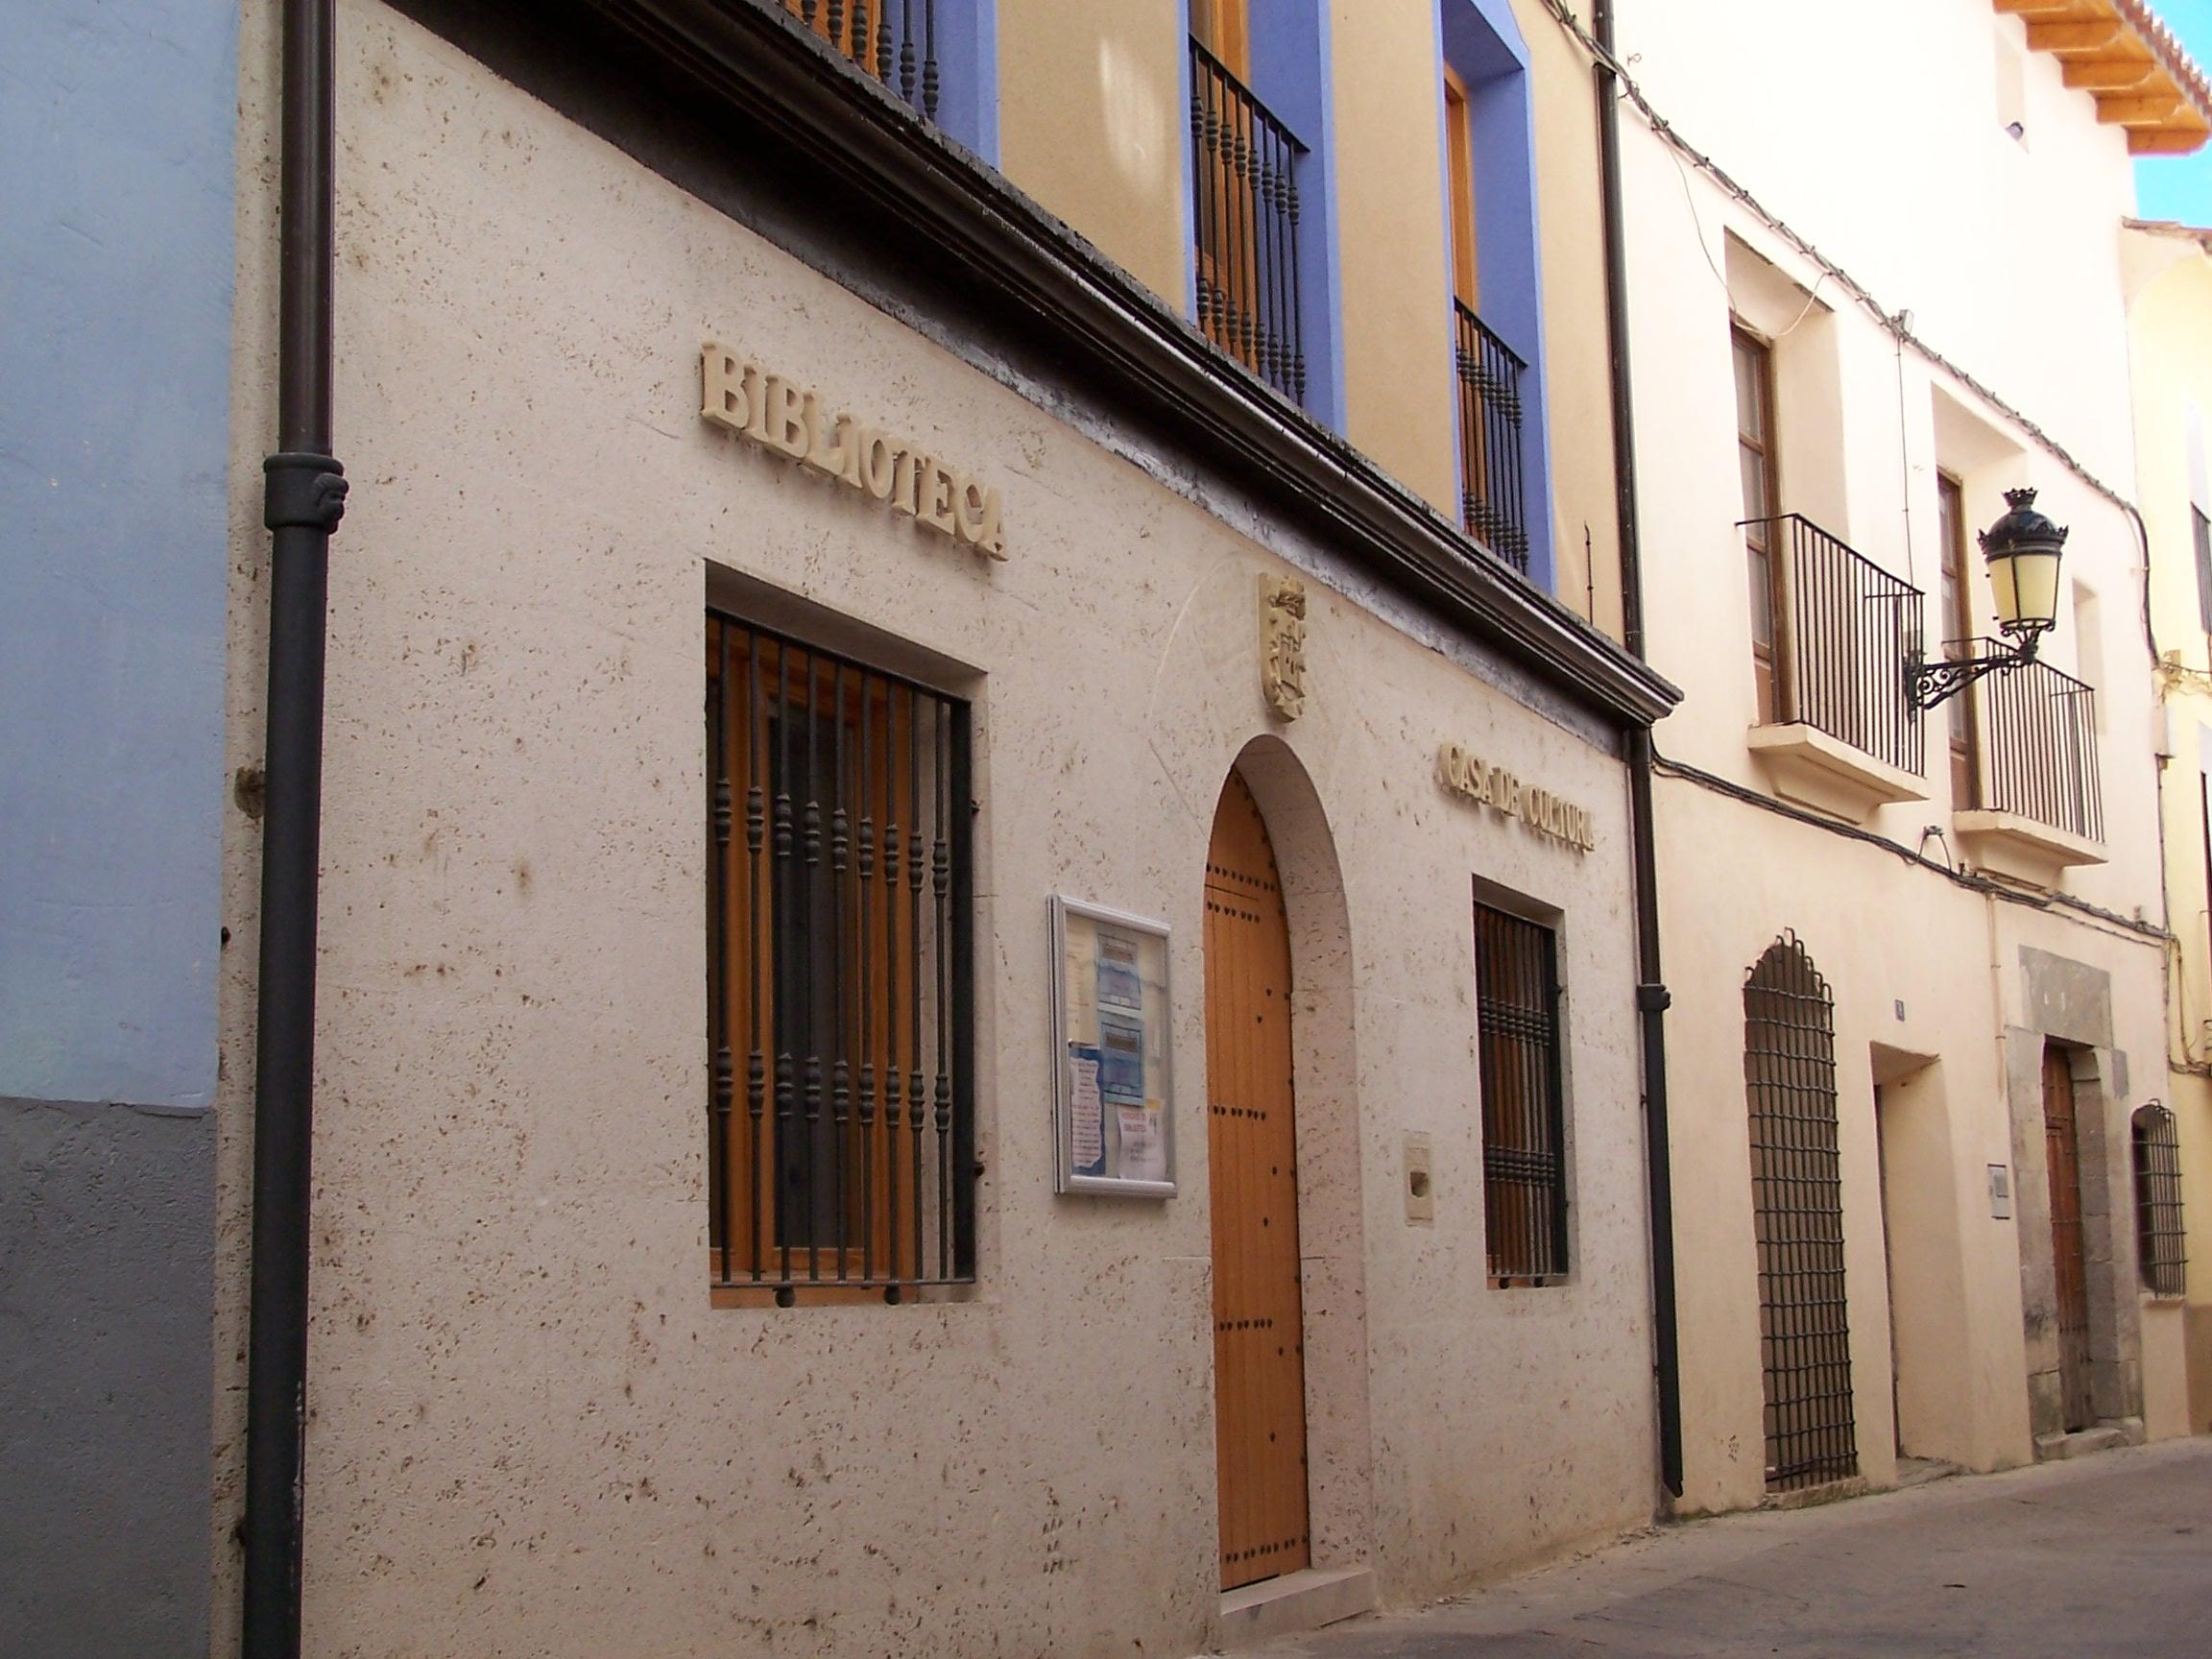 Amplia oferta formativa, deportiva y cultural en Castellote